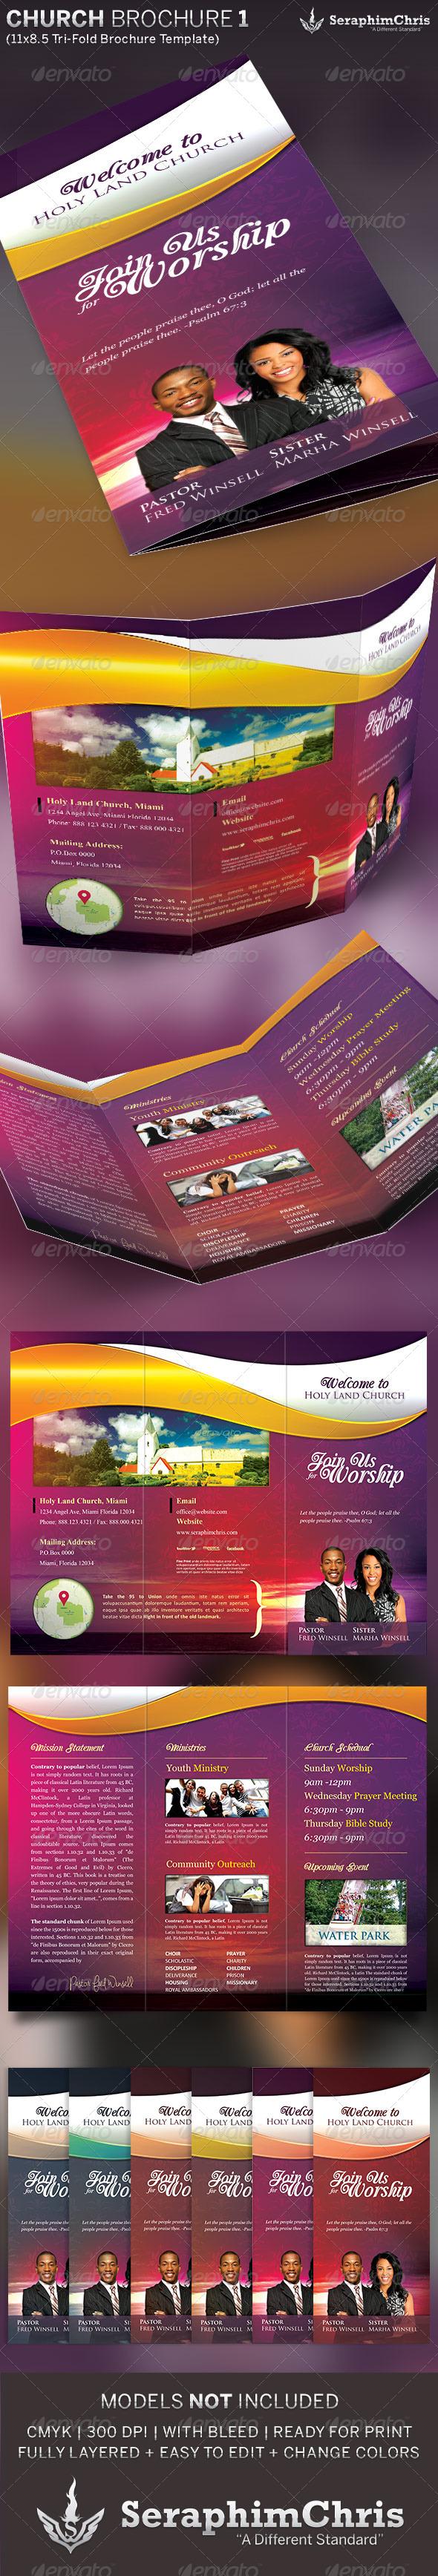 GraphicRiver Church Tri-Fold Brochure Template 1 5181903